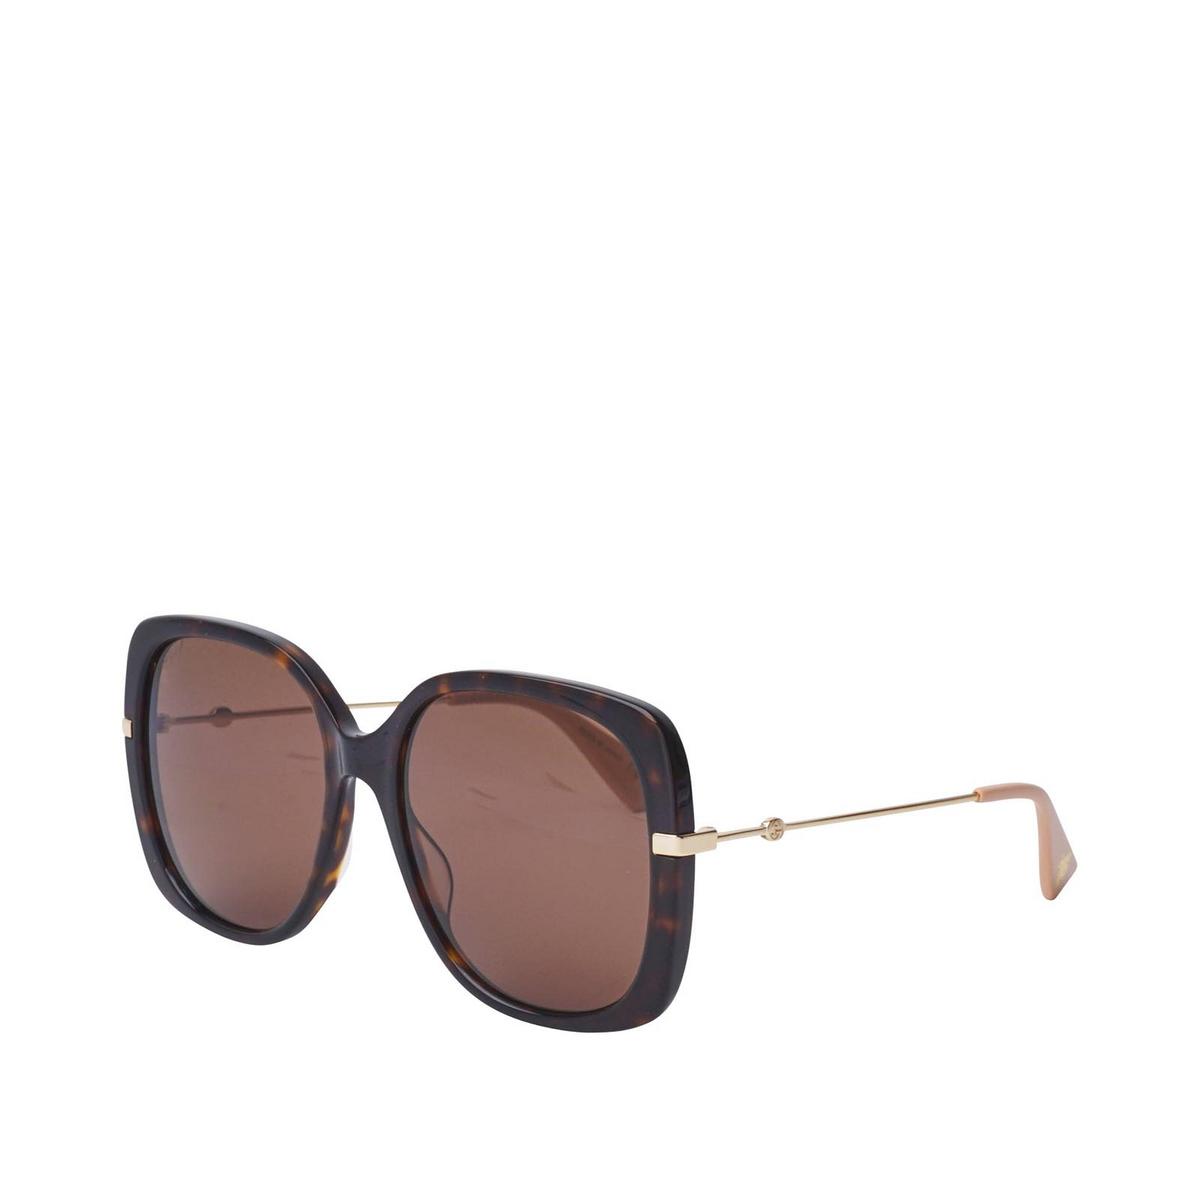 Gucci® Square Sunglasses: GG0511S color Dark Havana 003 - 2/2.